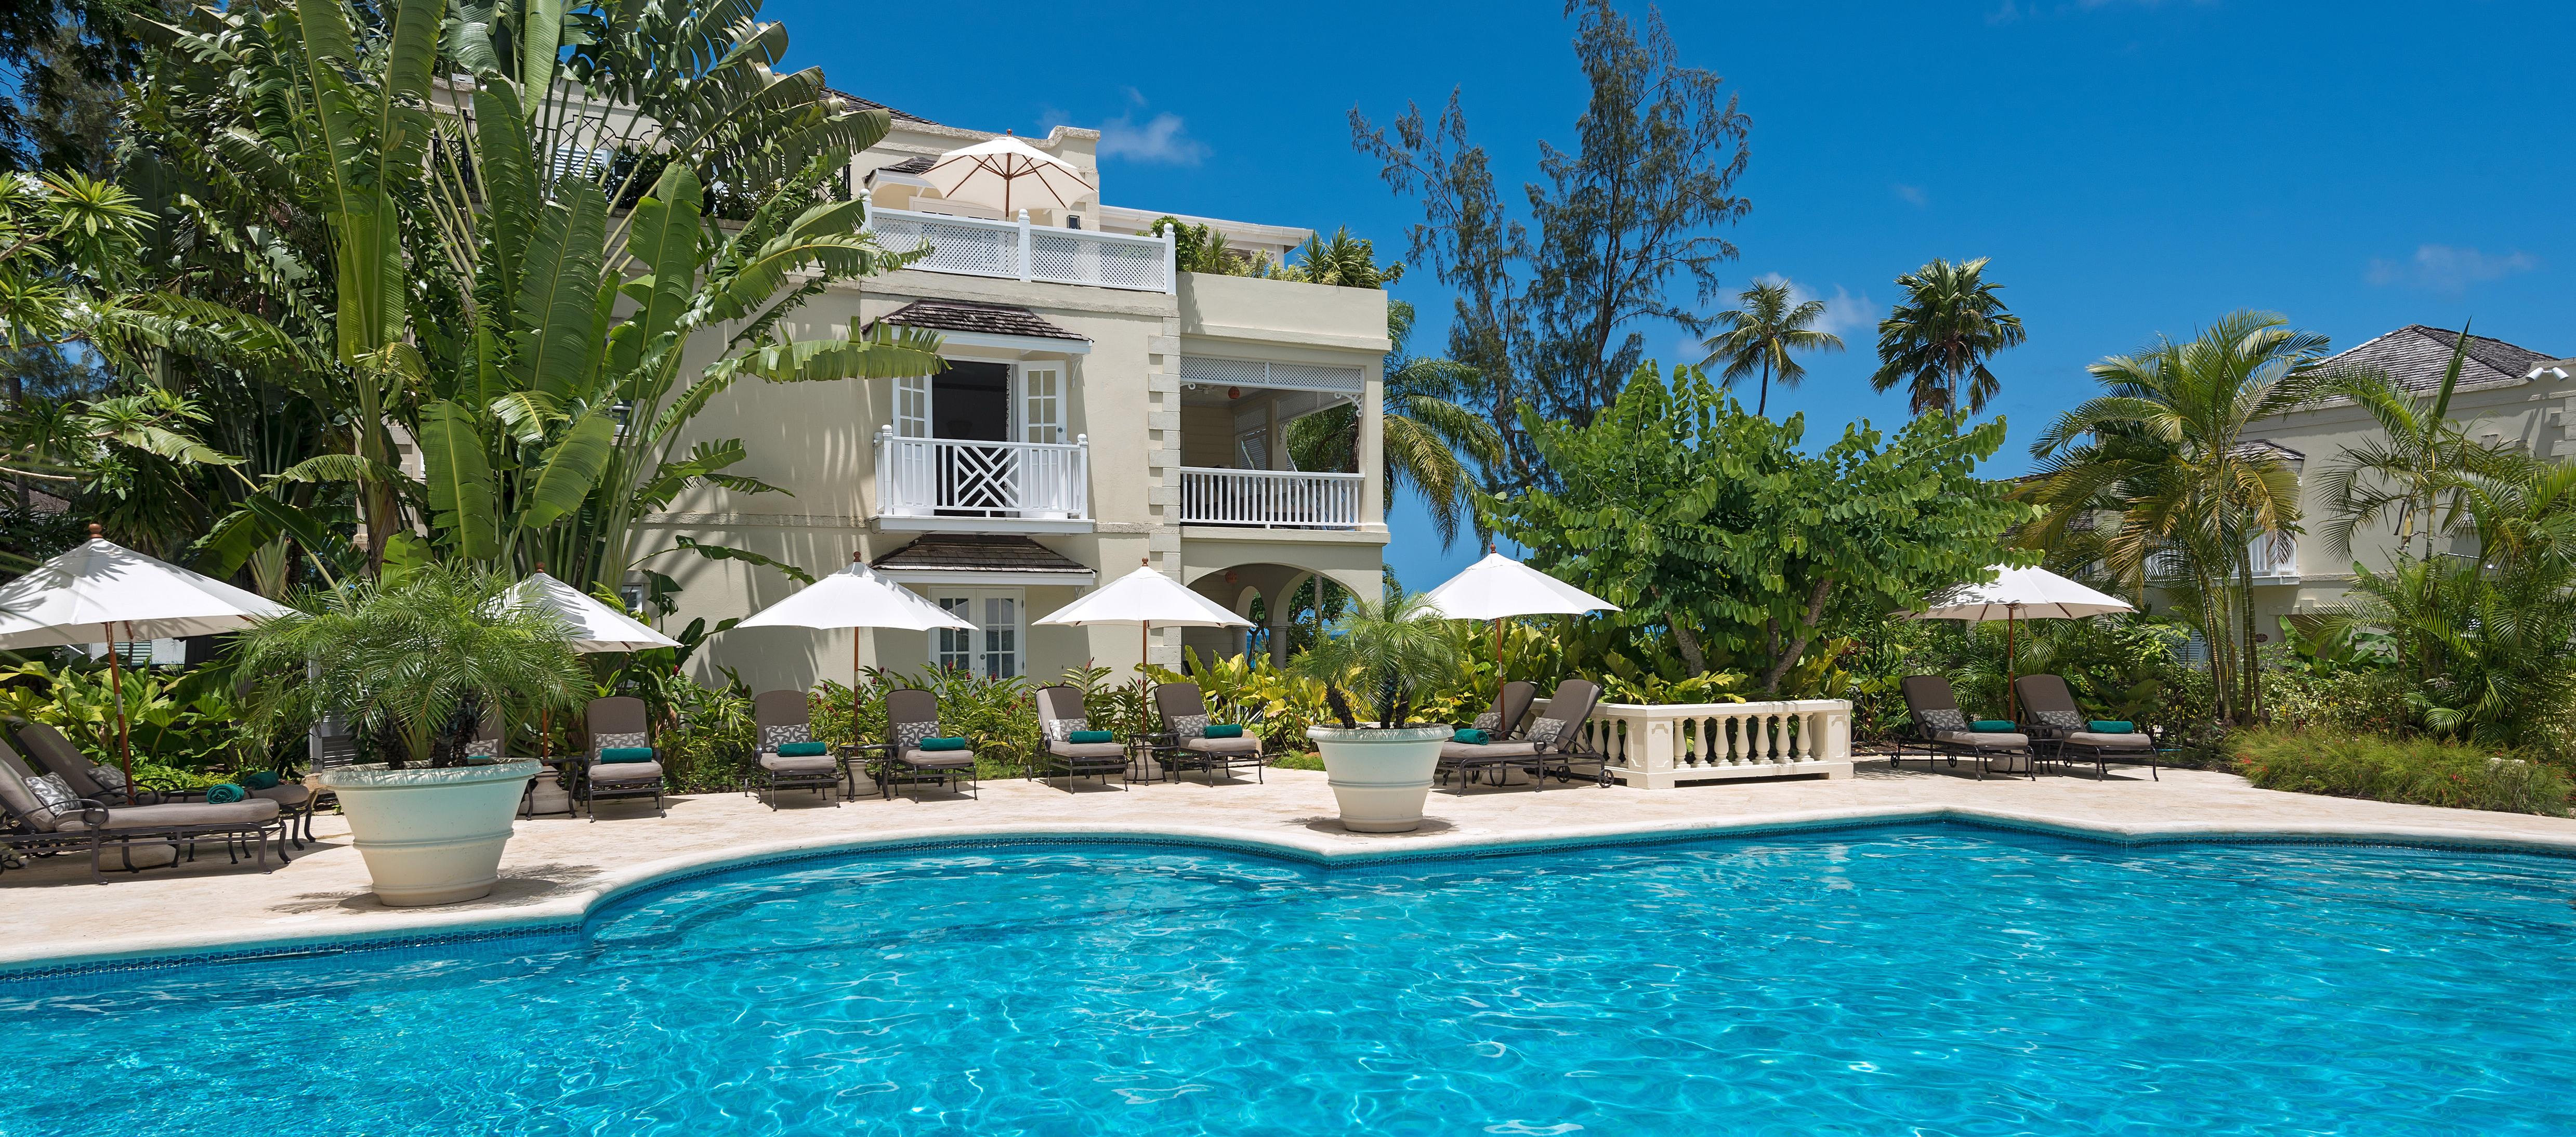 coral-reef-club-pool